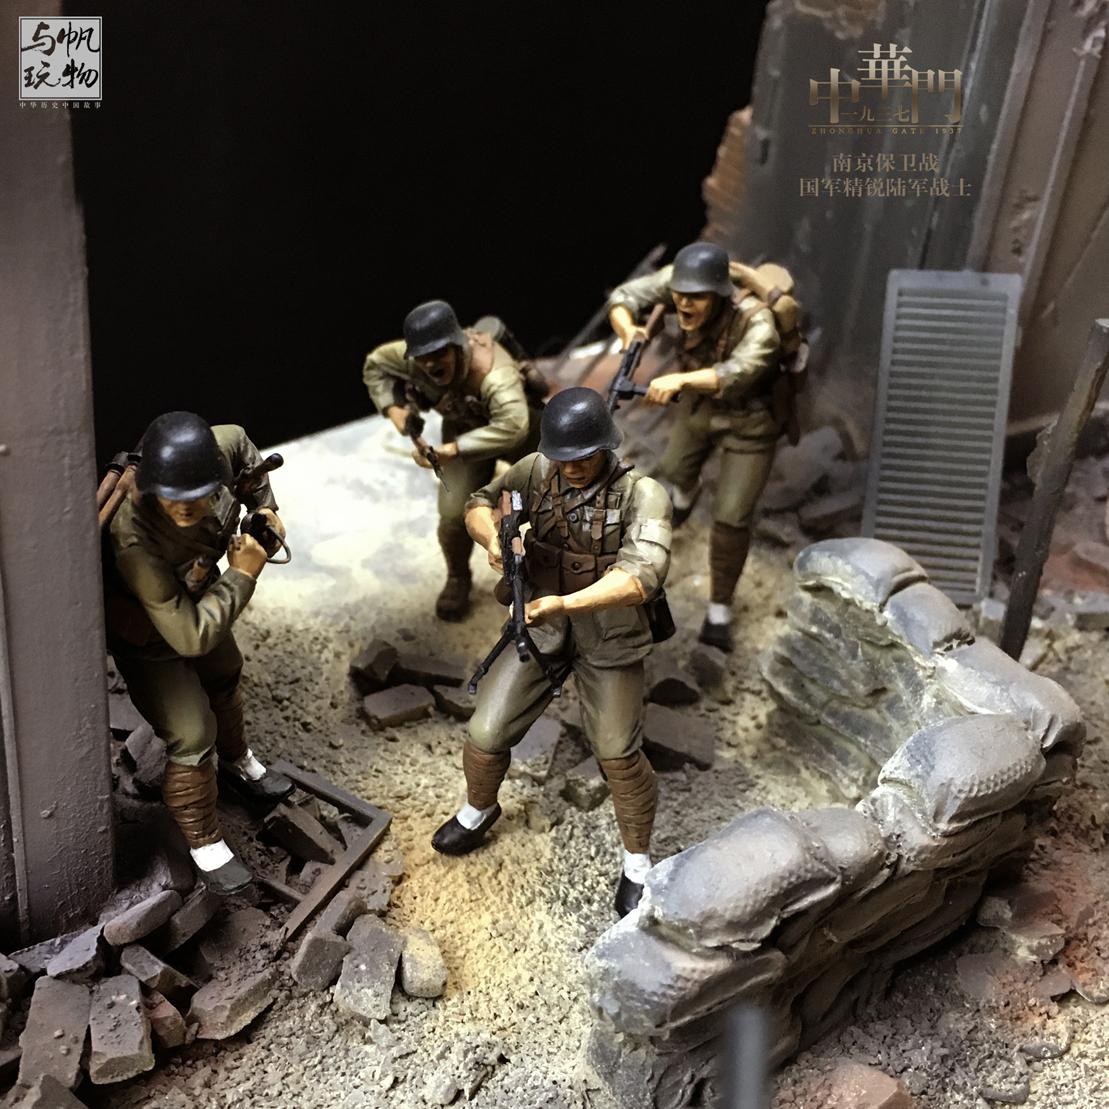 Военные игрушки для детей OTHER yfww/1632 1:35 1632